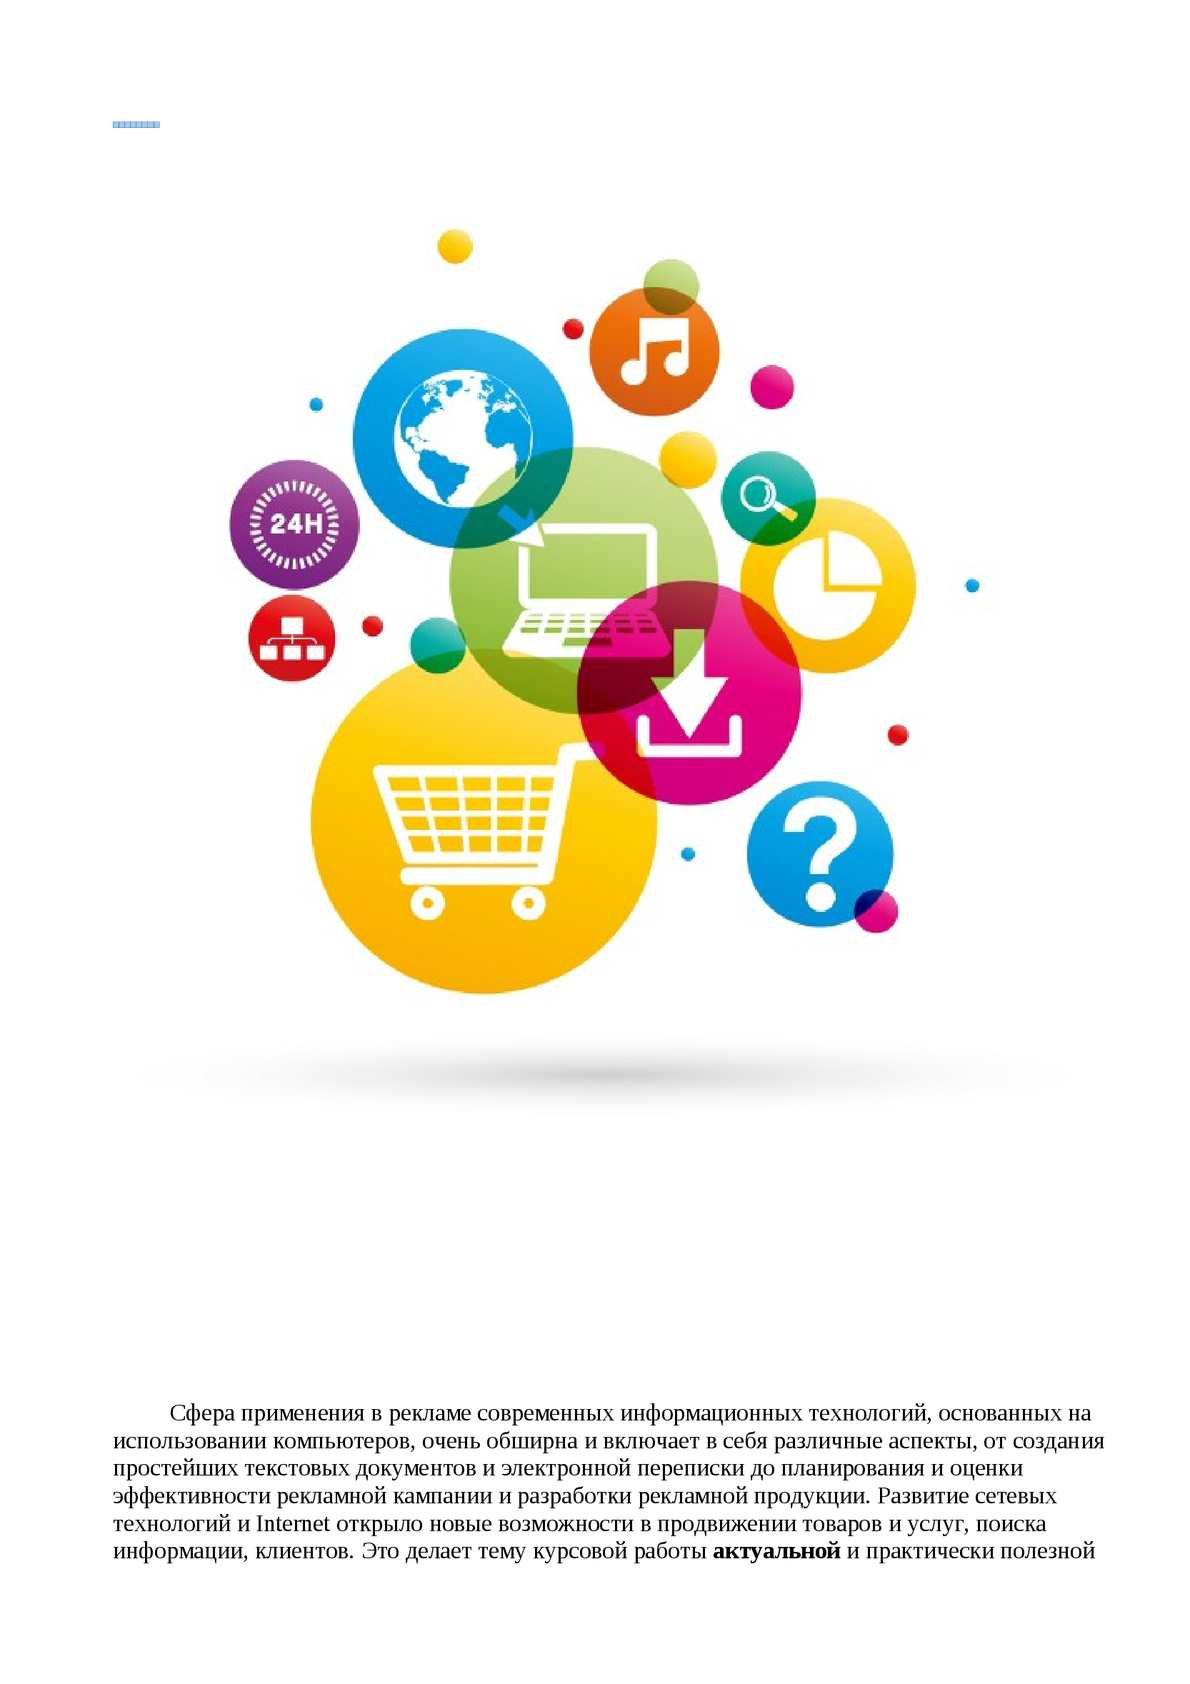 IT-технологии в рекламе